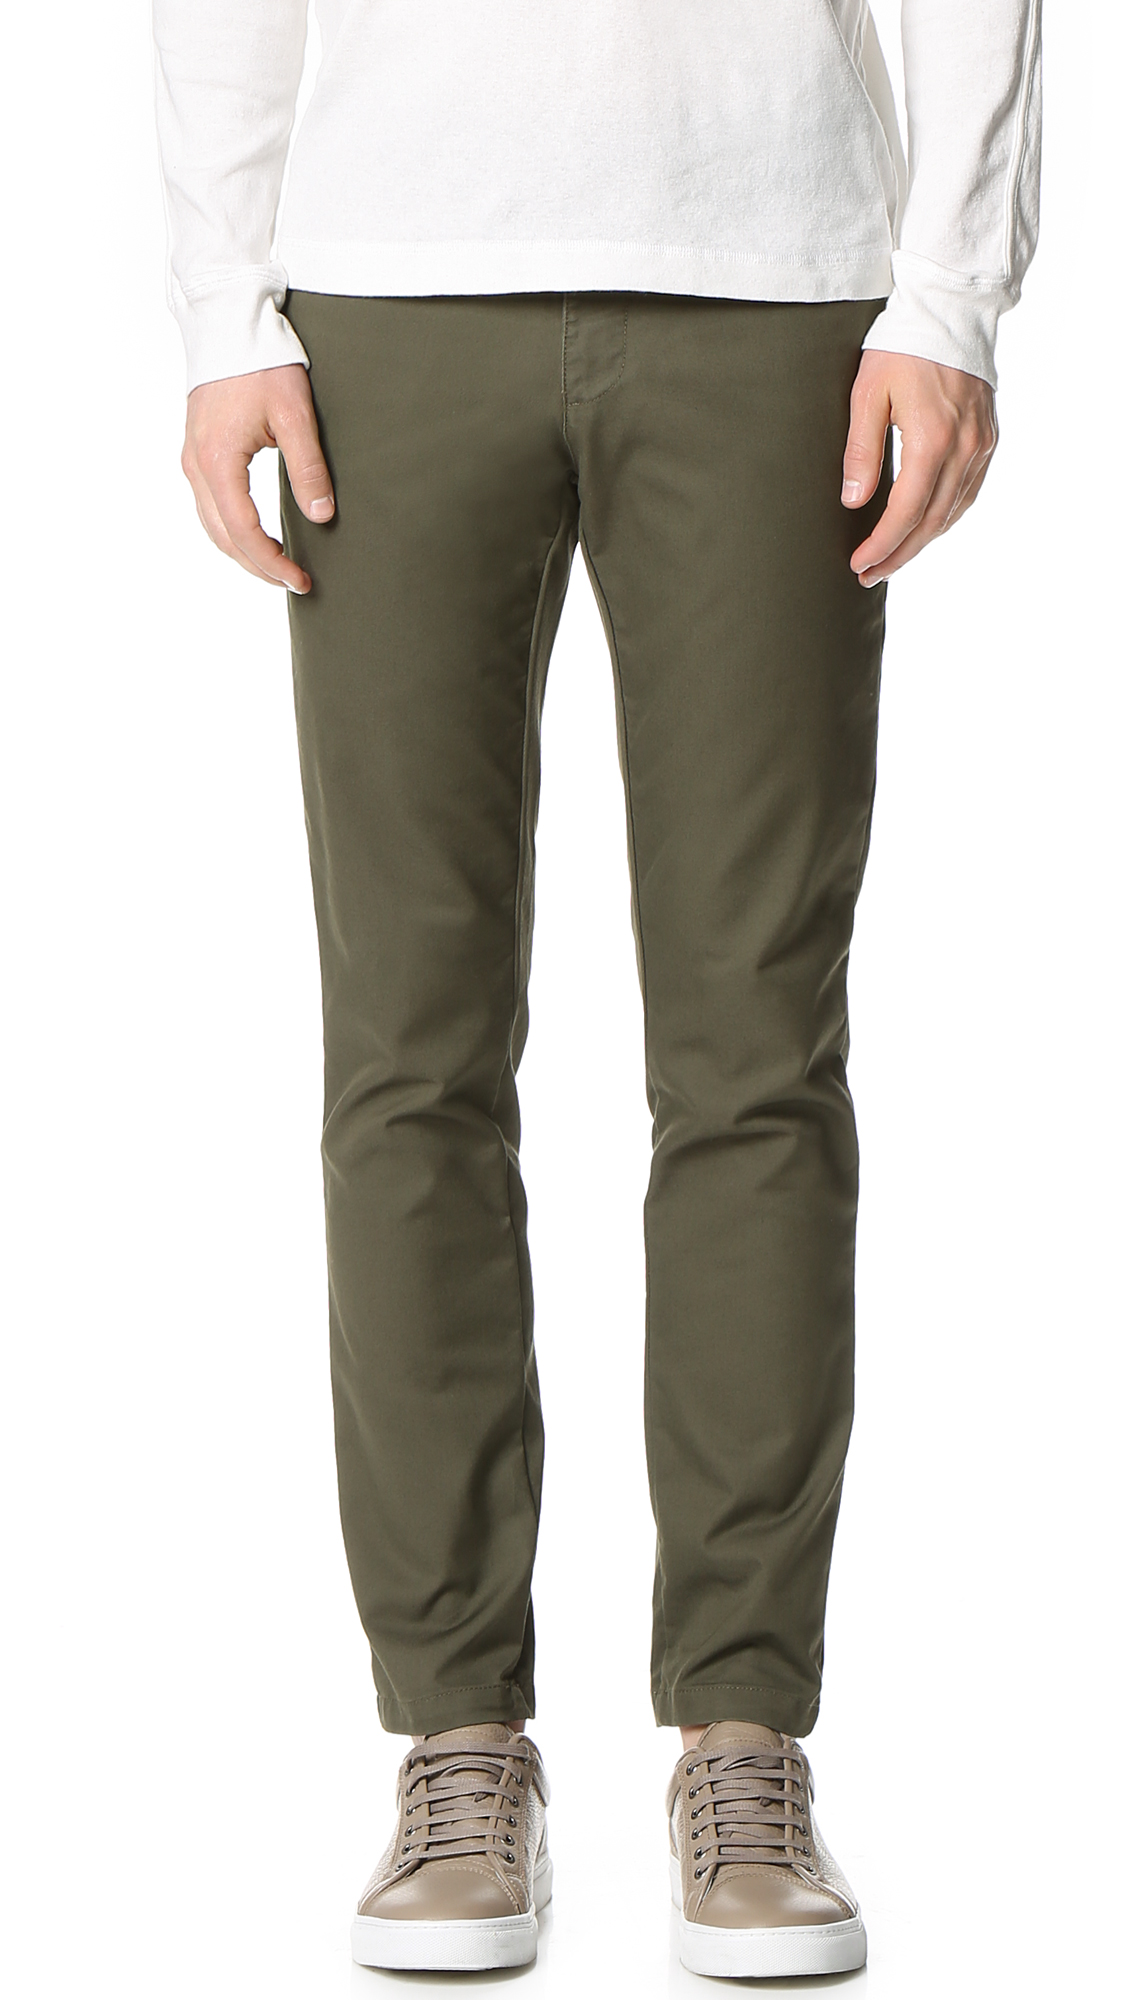 4edce92b9a3f73 Carhartt WIP Sid Pants | EAST DANE